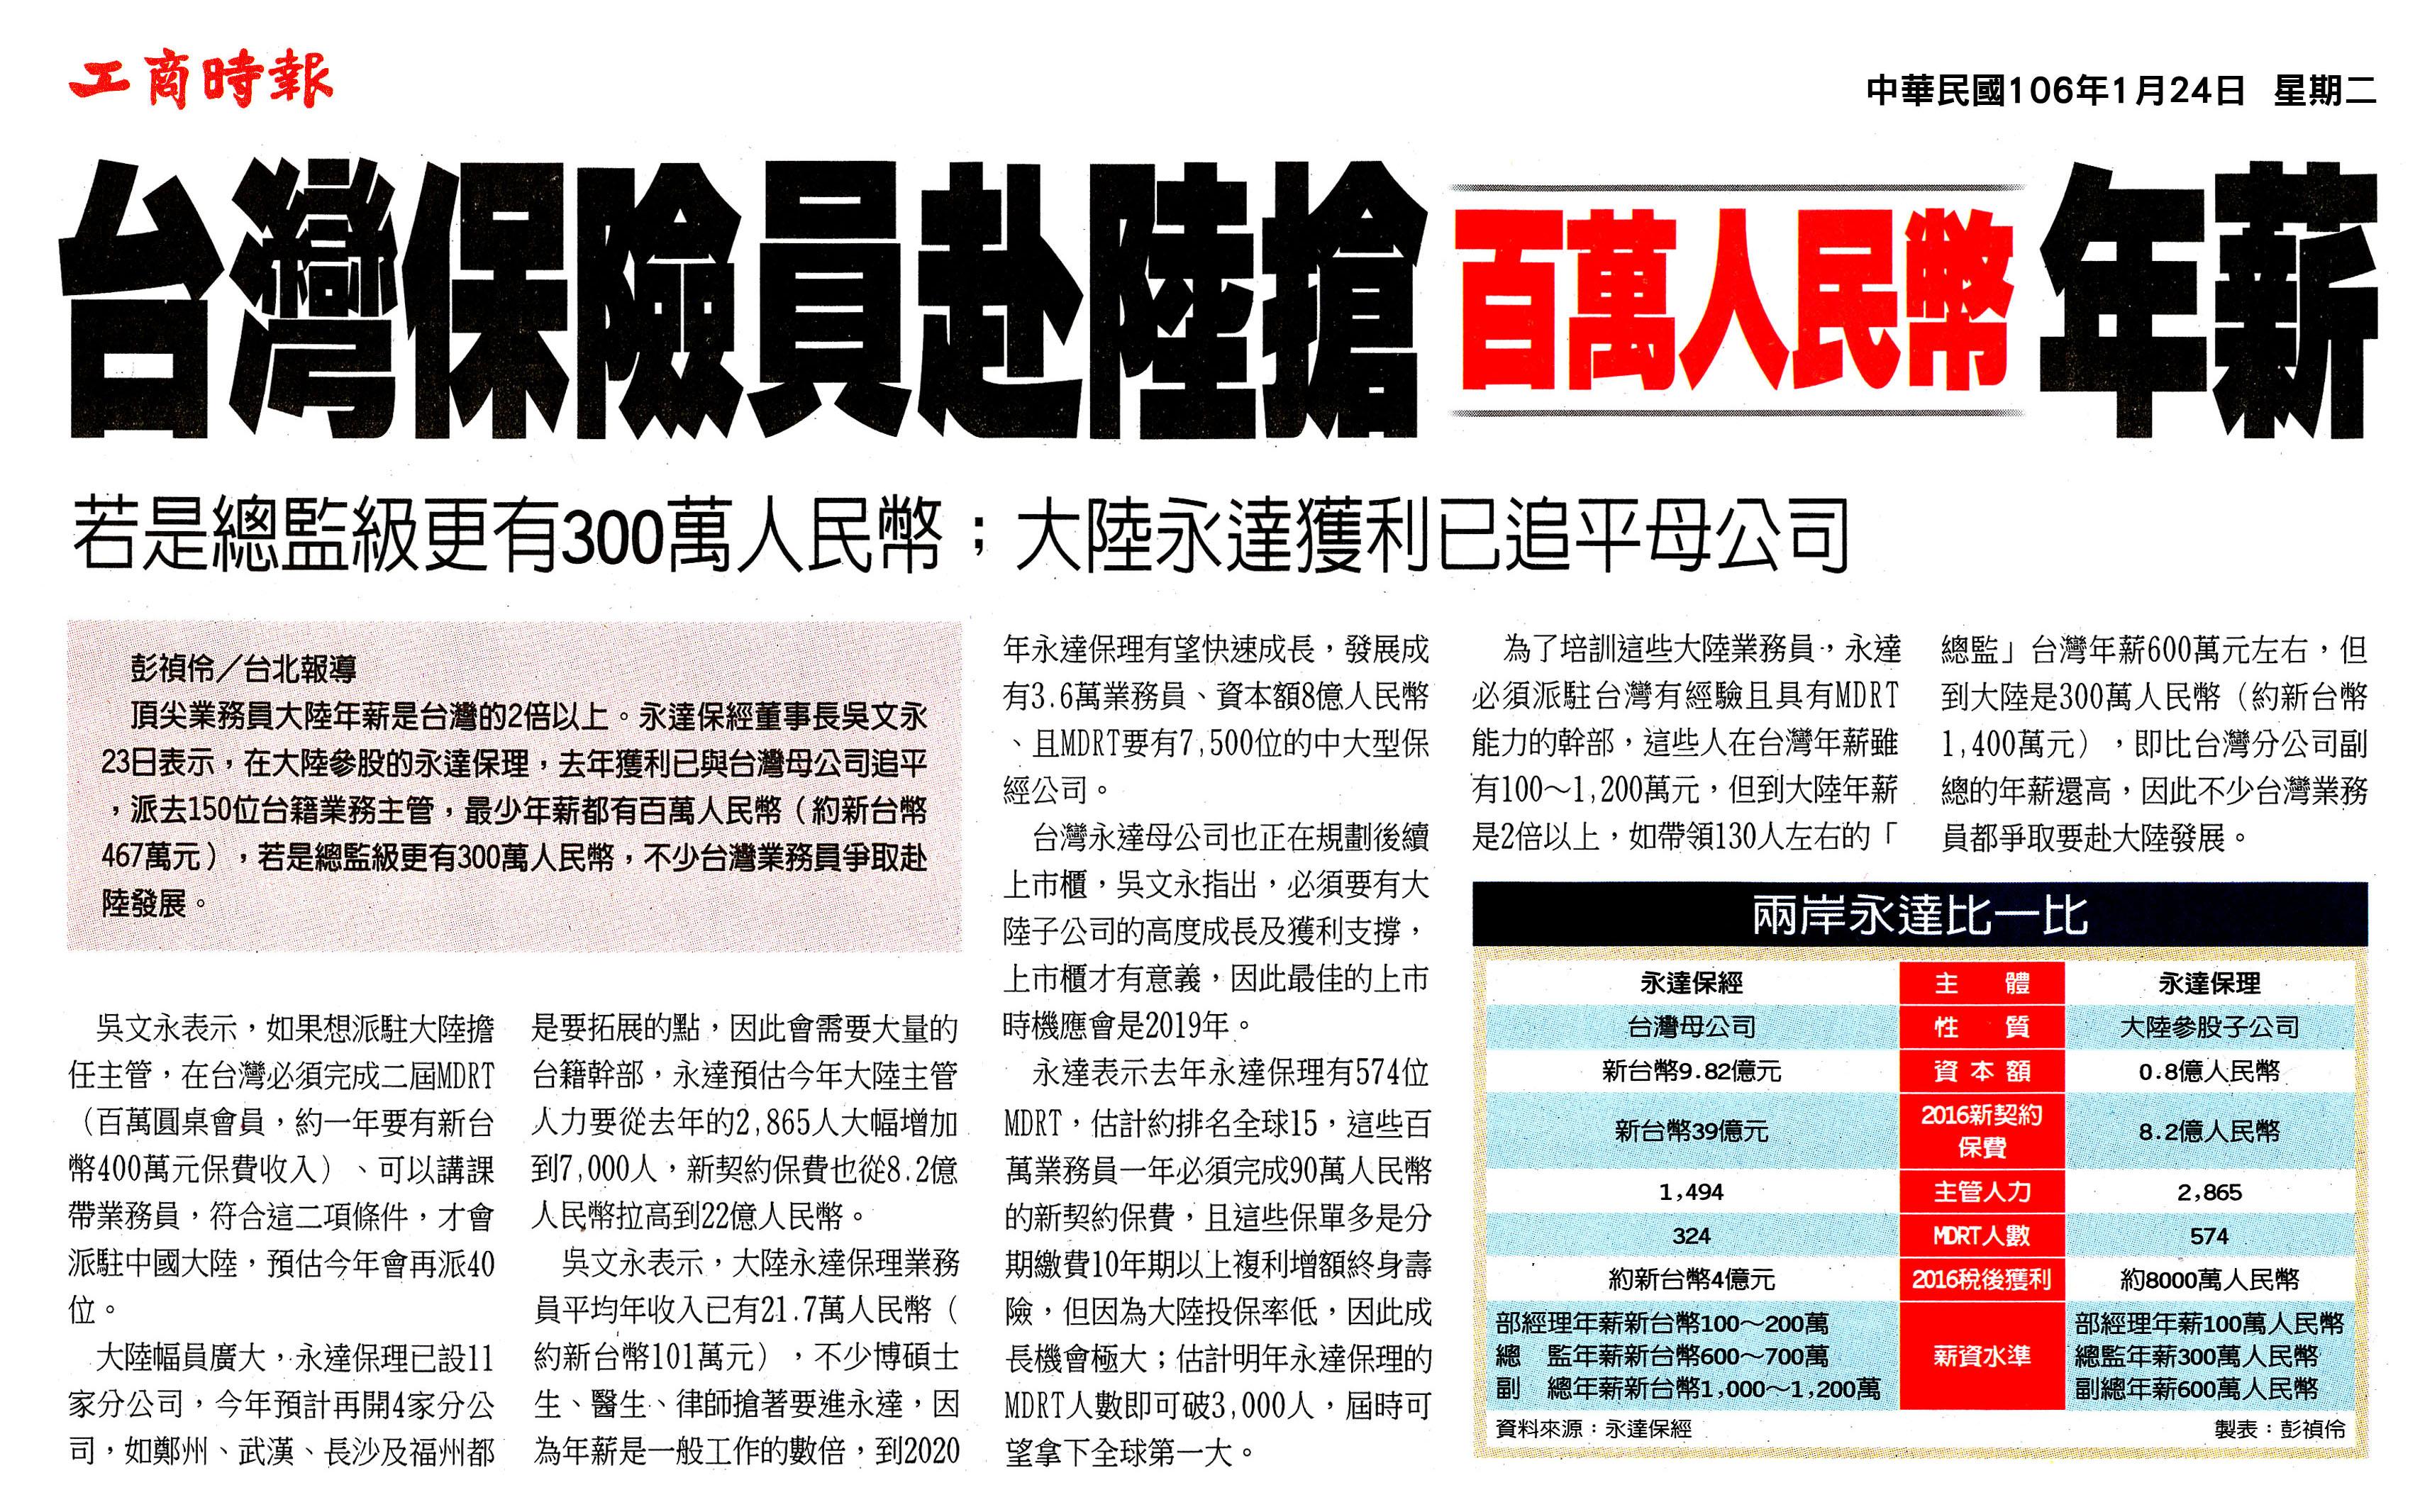 台灣保險員赴陸搶百萬人民幣年薪